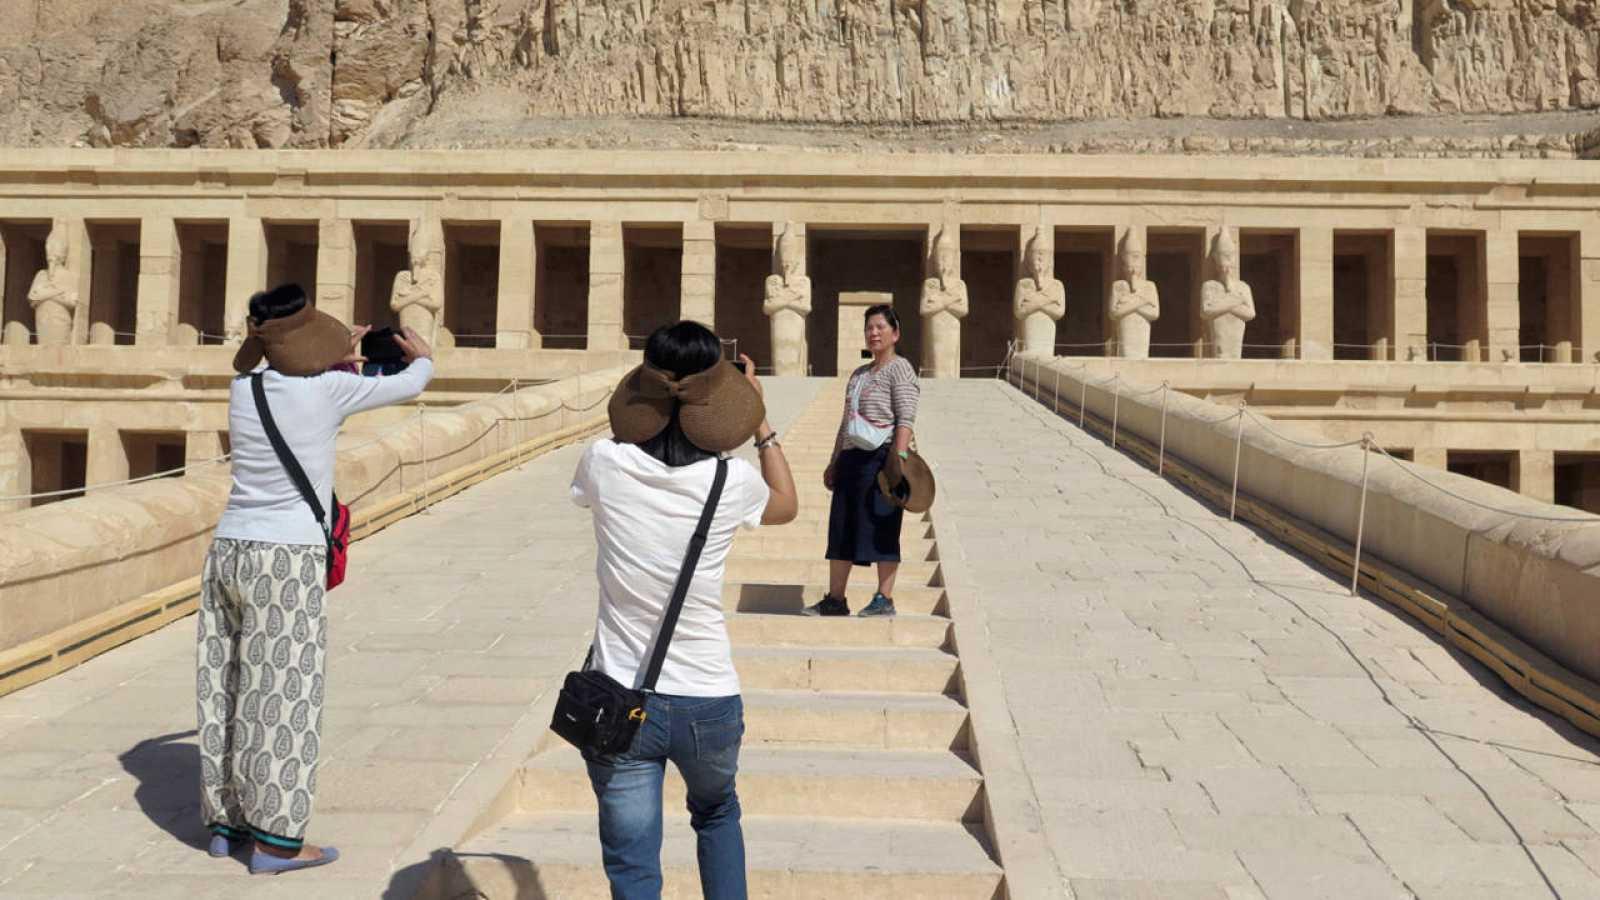 Turistas de nacionalidad china se hacen fotos frente al templo de Hatshepsut, en Luxor